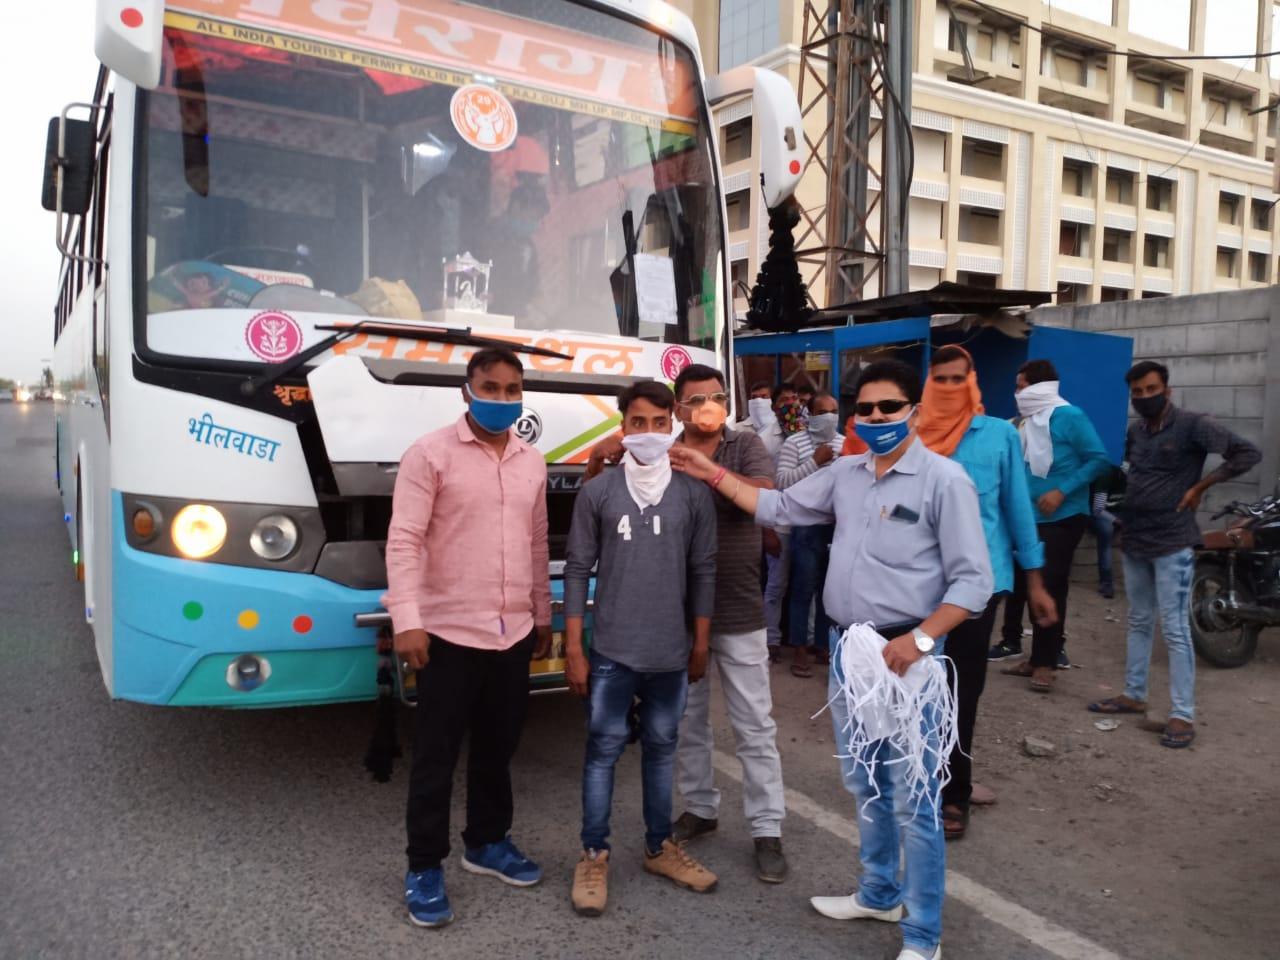 बिहार के लिए श्रमिक स्पेशल ट्रेन कल जाएगी, दो बसों को रवाना किया